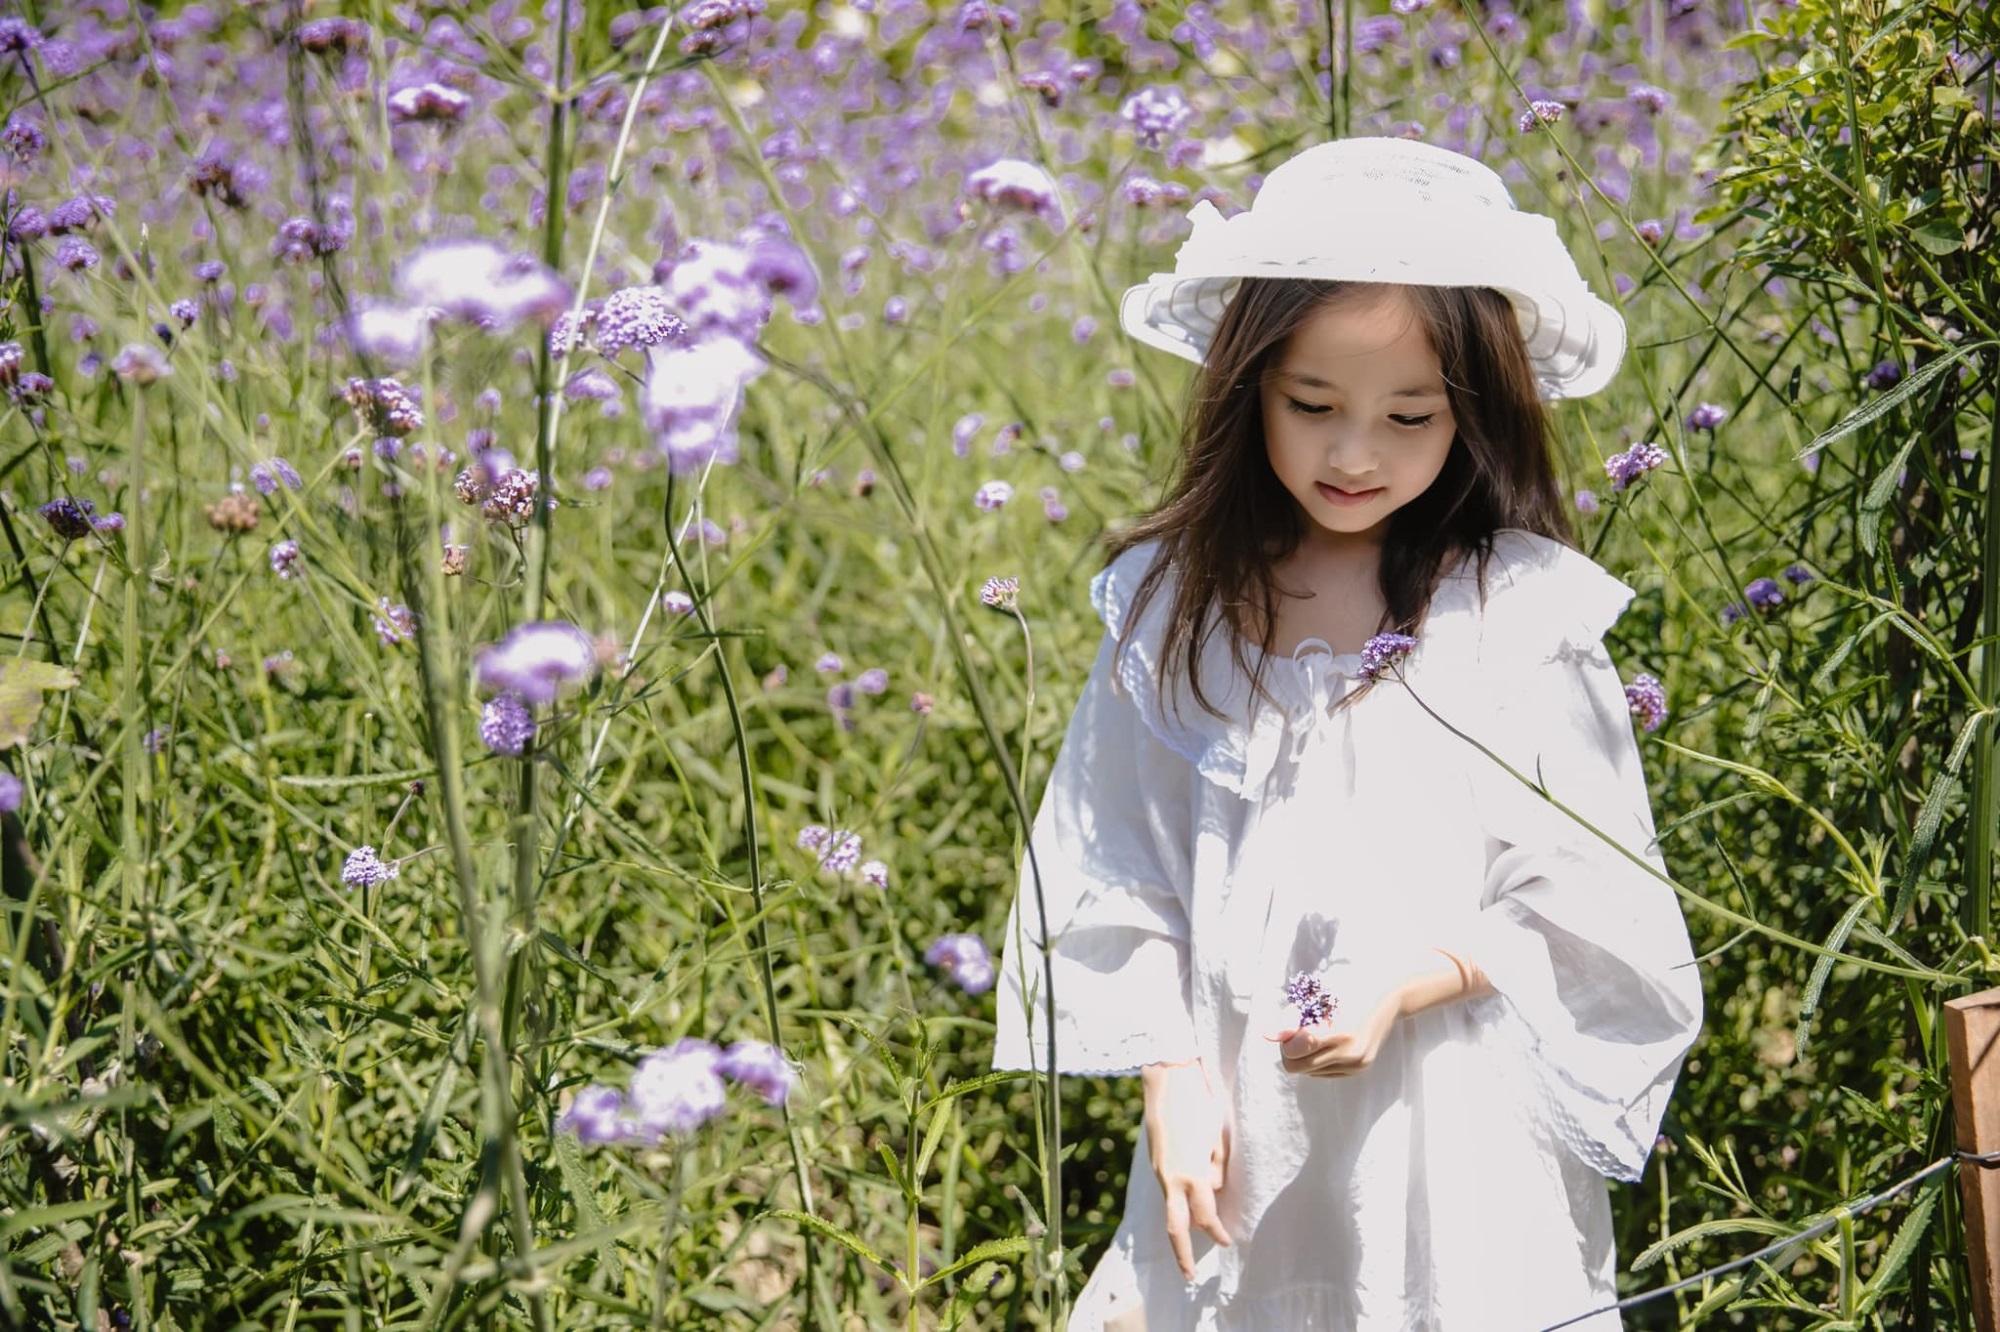 """Không hổ danh con gái Hoa hậu, công chúa nhỏ của Hà Kiều Anh sở hữu """"gen đẹp"""" của mẹ, càng lớn càng lộ khí chất đại mỹ nhân - Ảnh 6"""